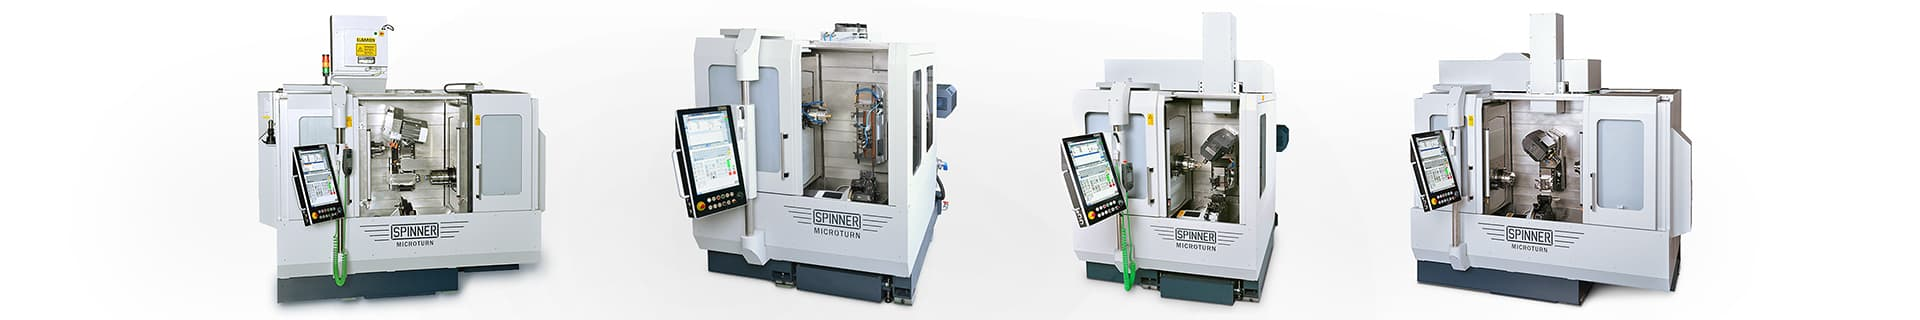 Spinner AG - Ultrapräzisionszentrum - Microturn